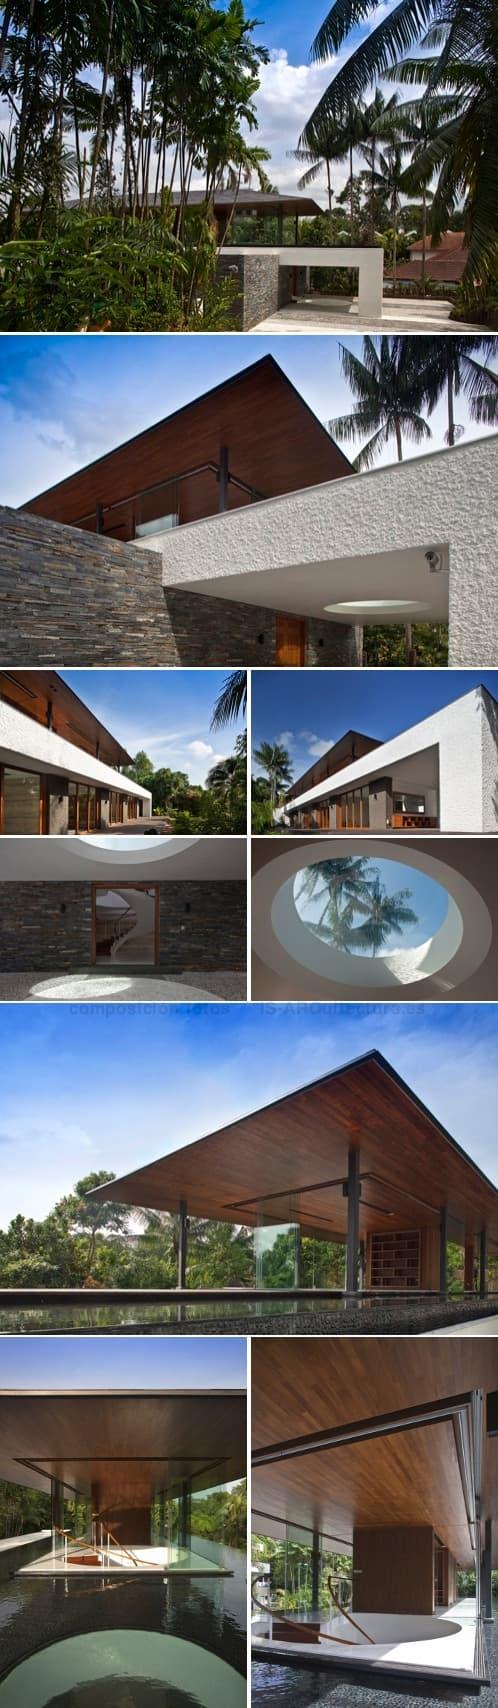 casa-refrigerada-lamina-de-agua fotos exteriores